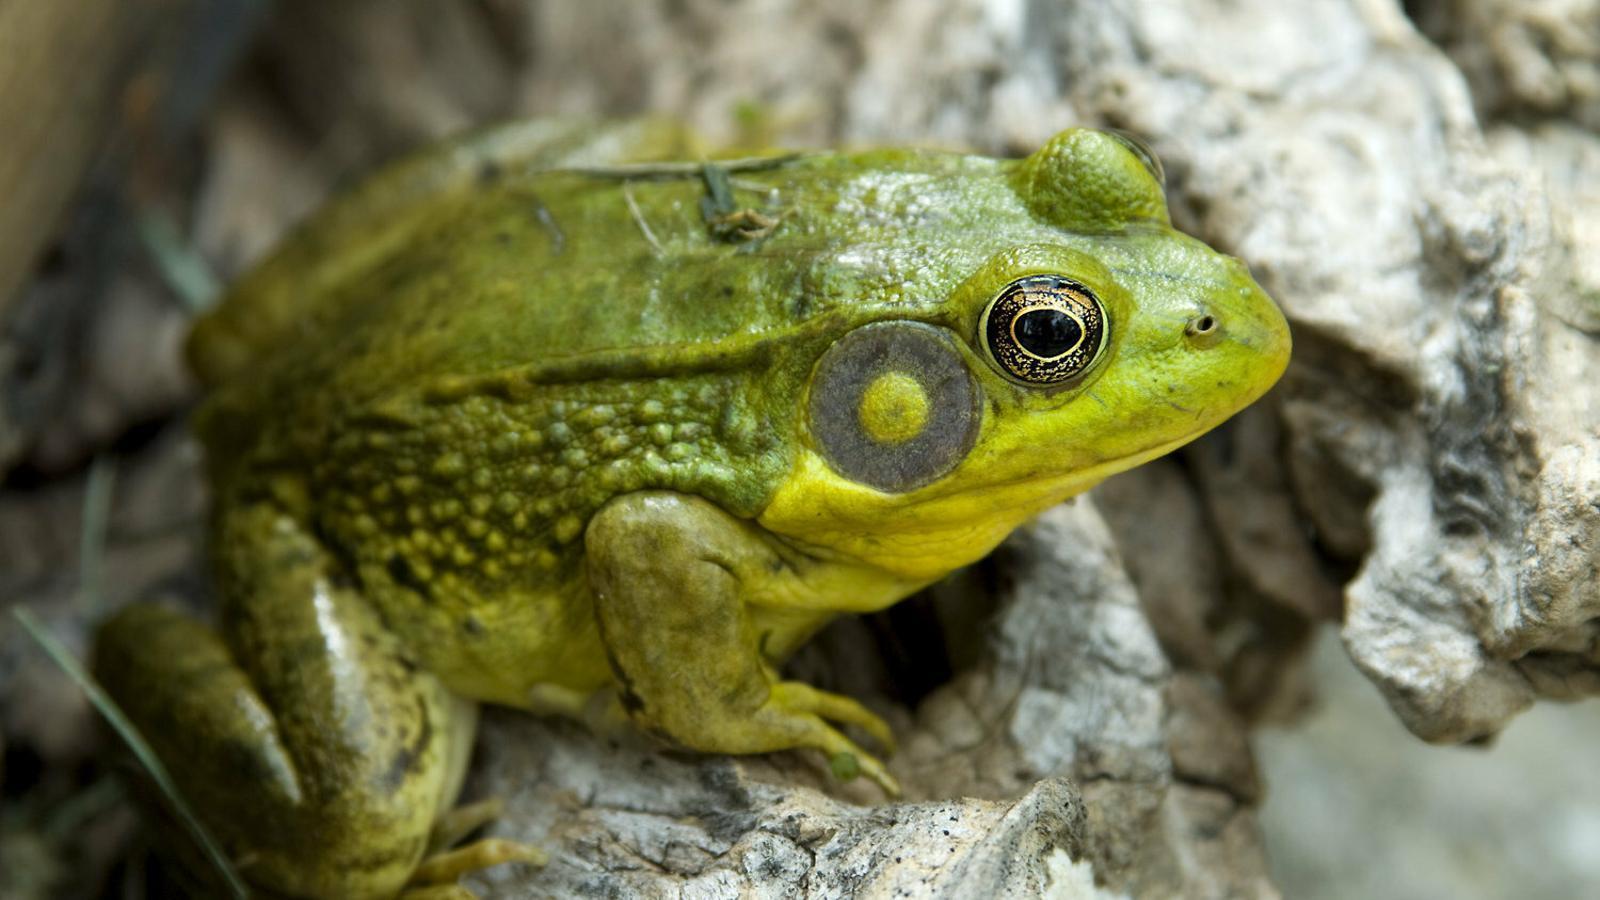 Un exemplar de granota toro, una espècie que ha arribat a Catalunya i que té una gran capacitat d'alterar els ecosistemes.